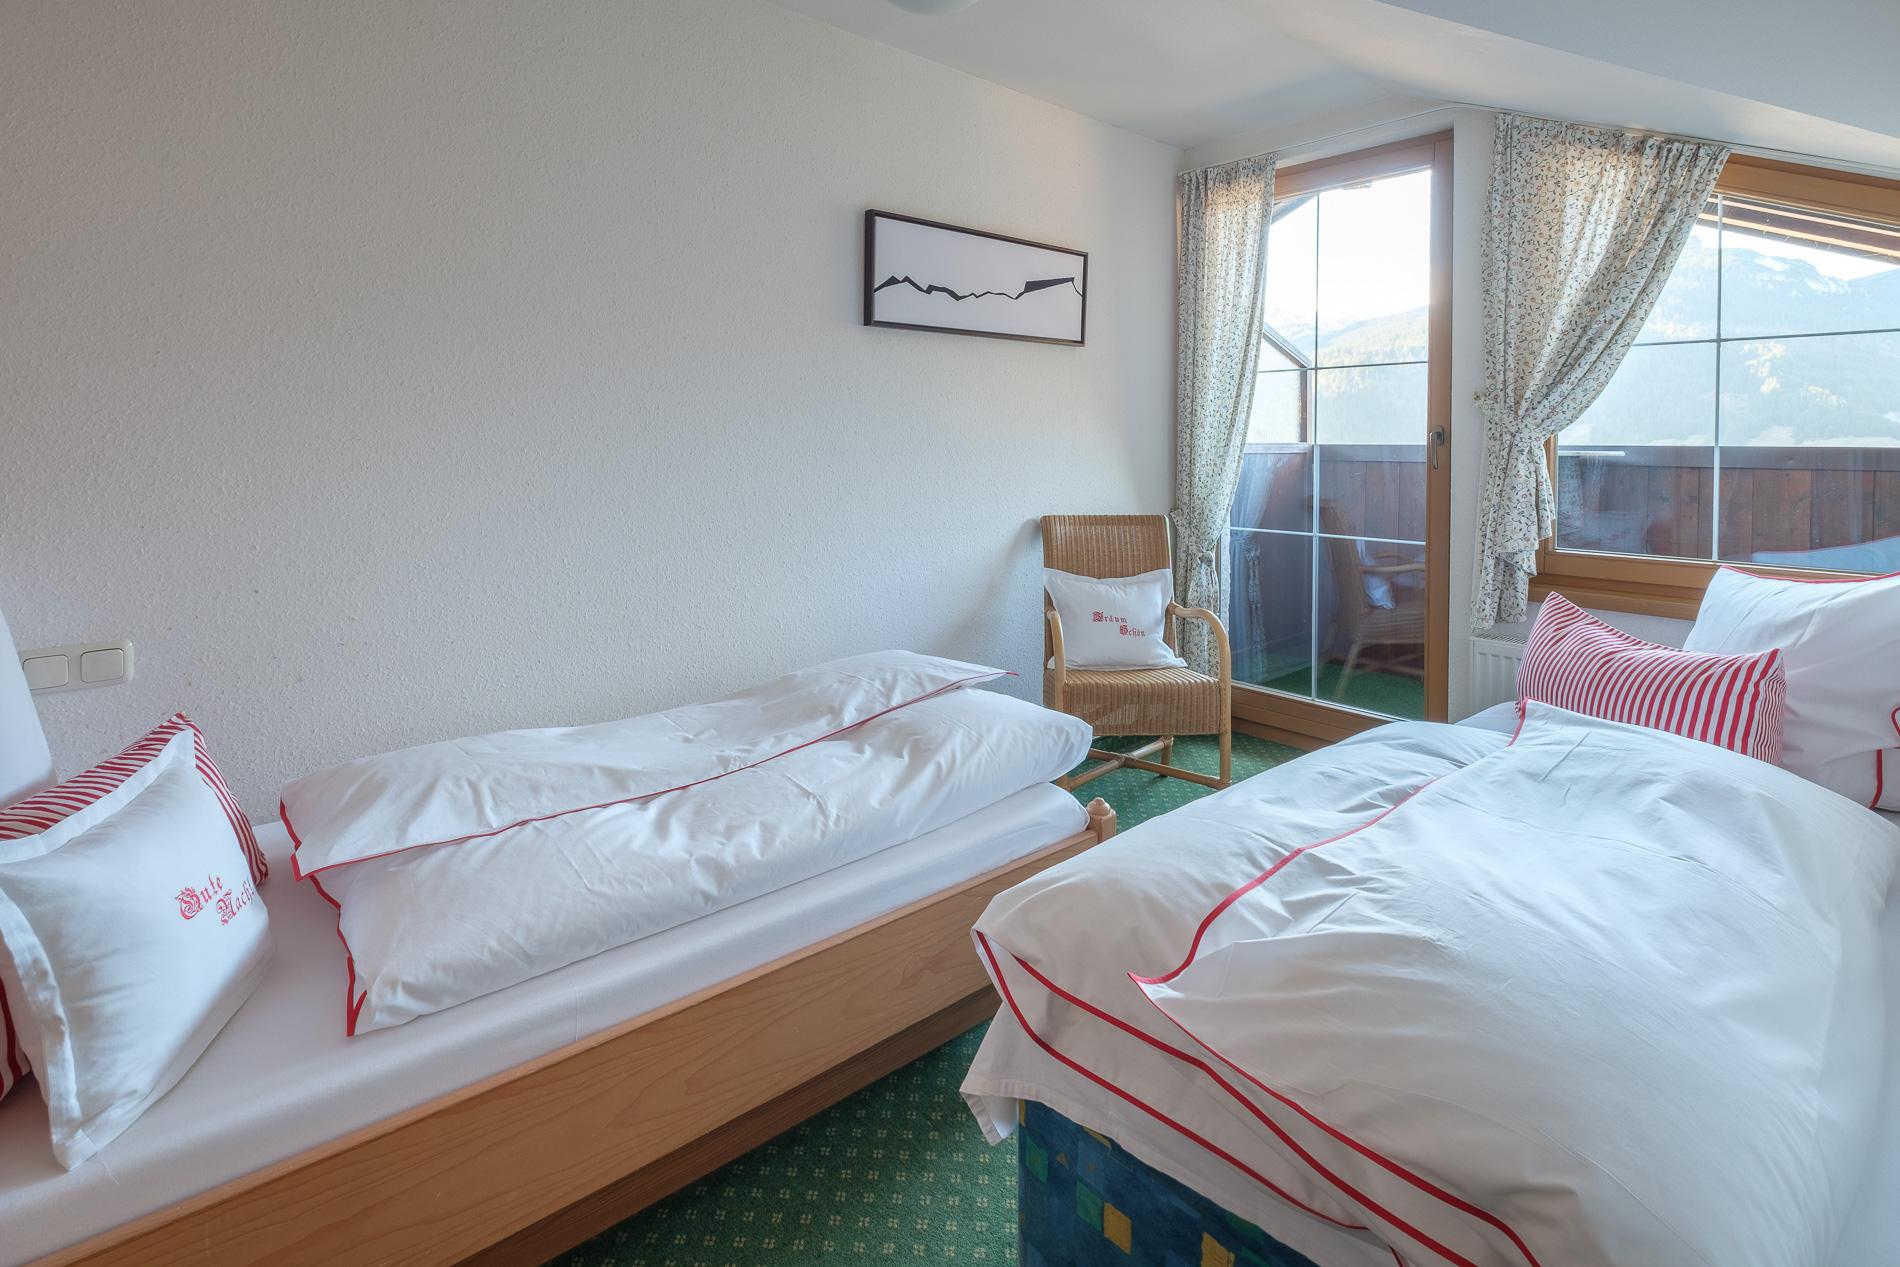 Zweites separates Schlafzimmer mit Loggia.